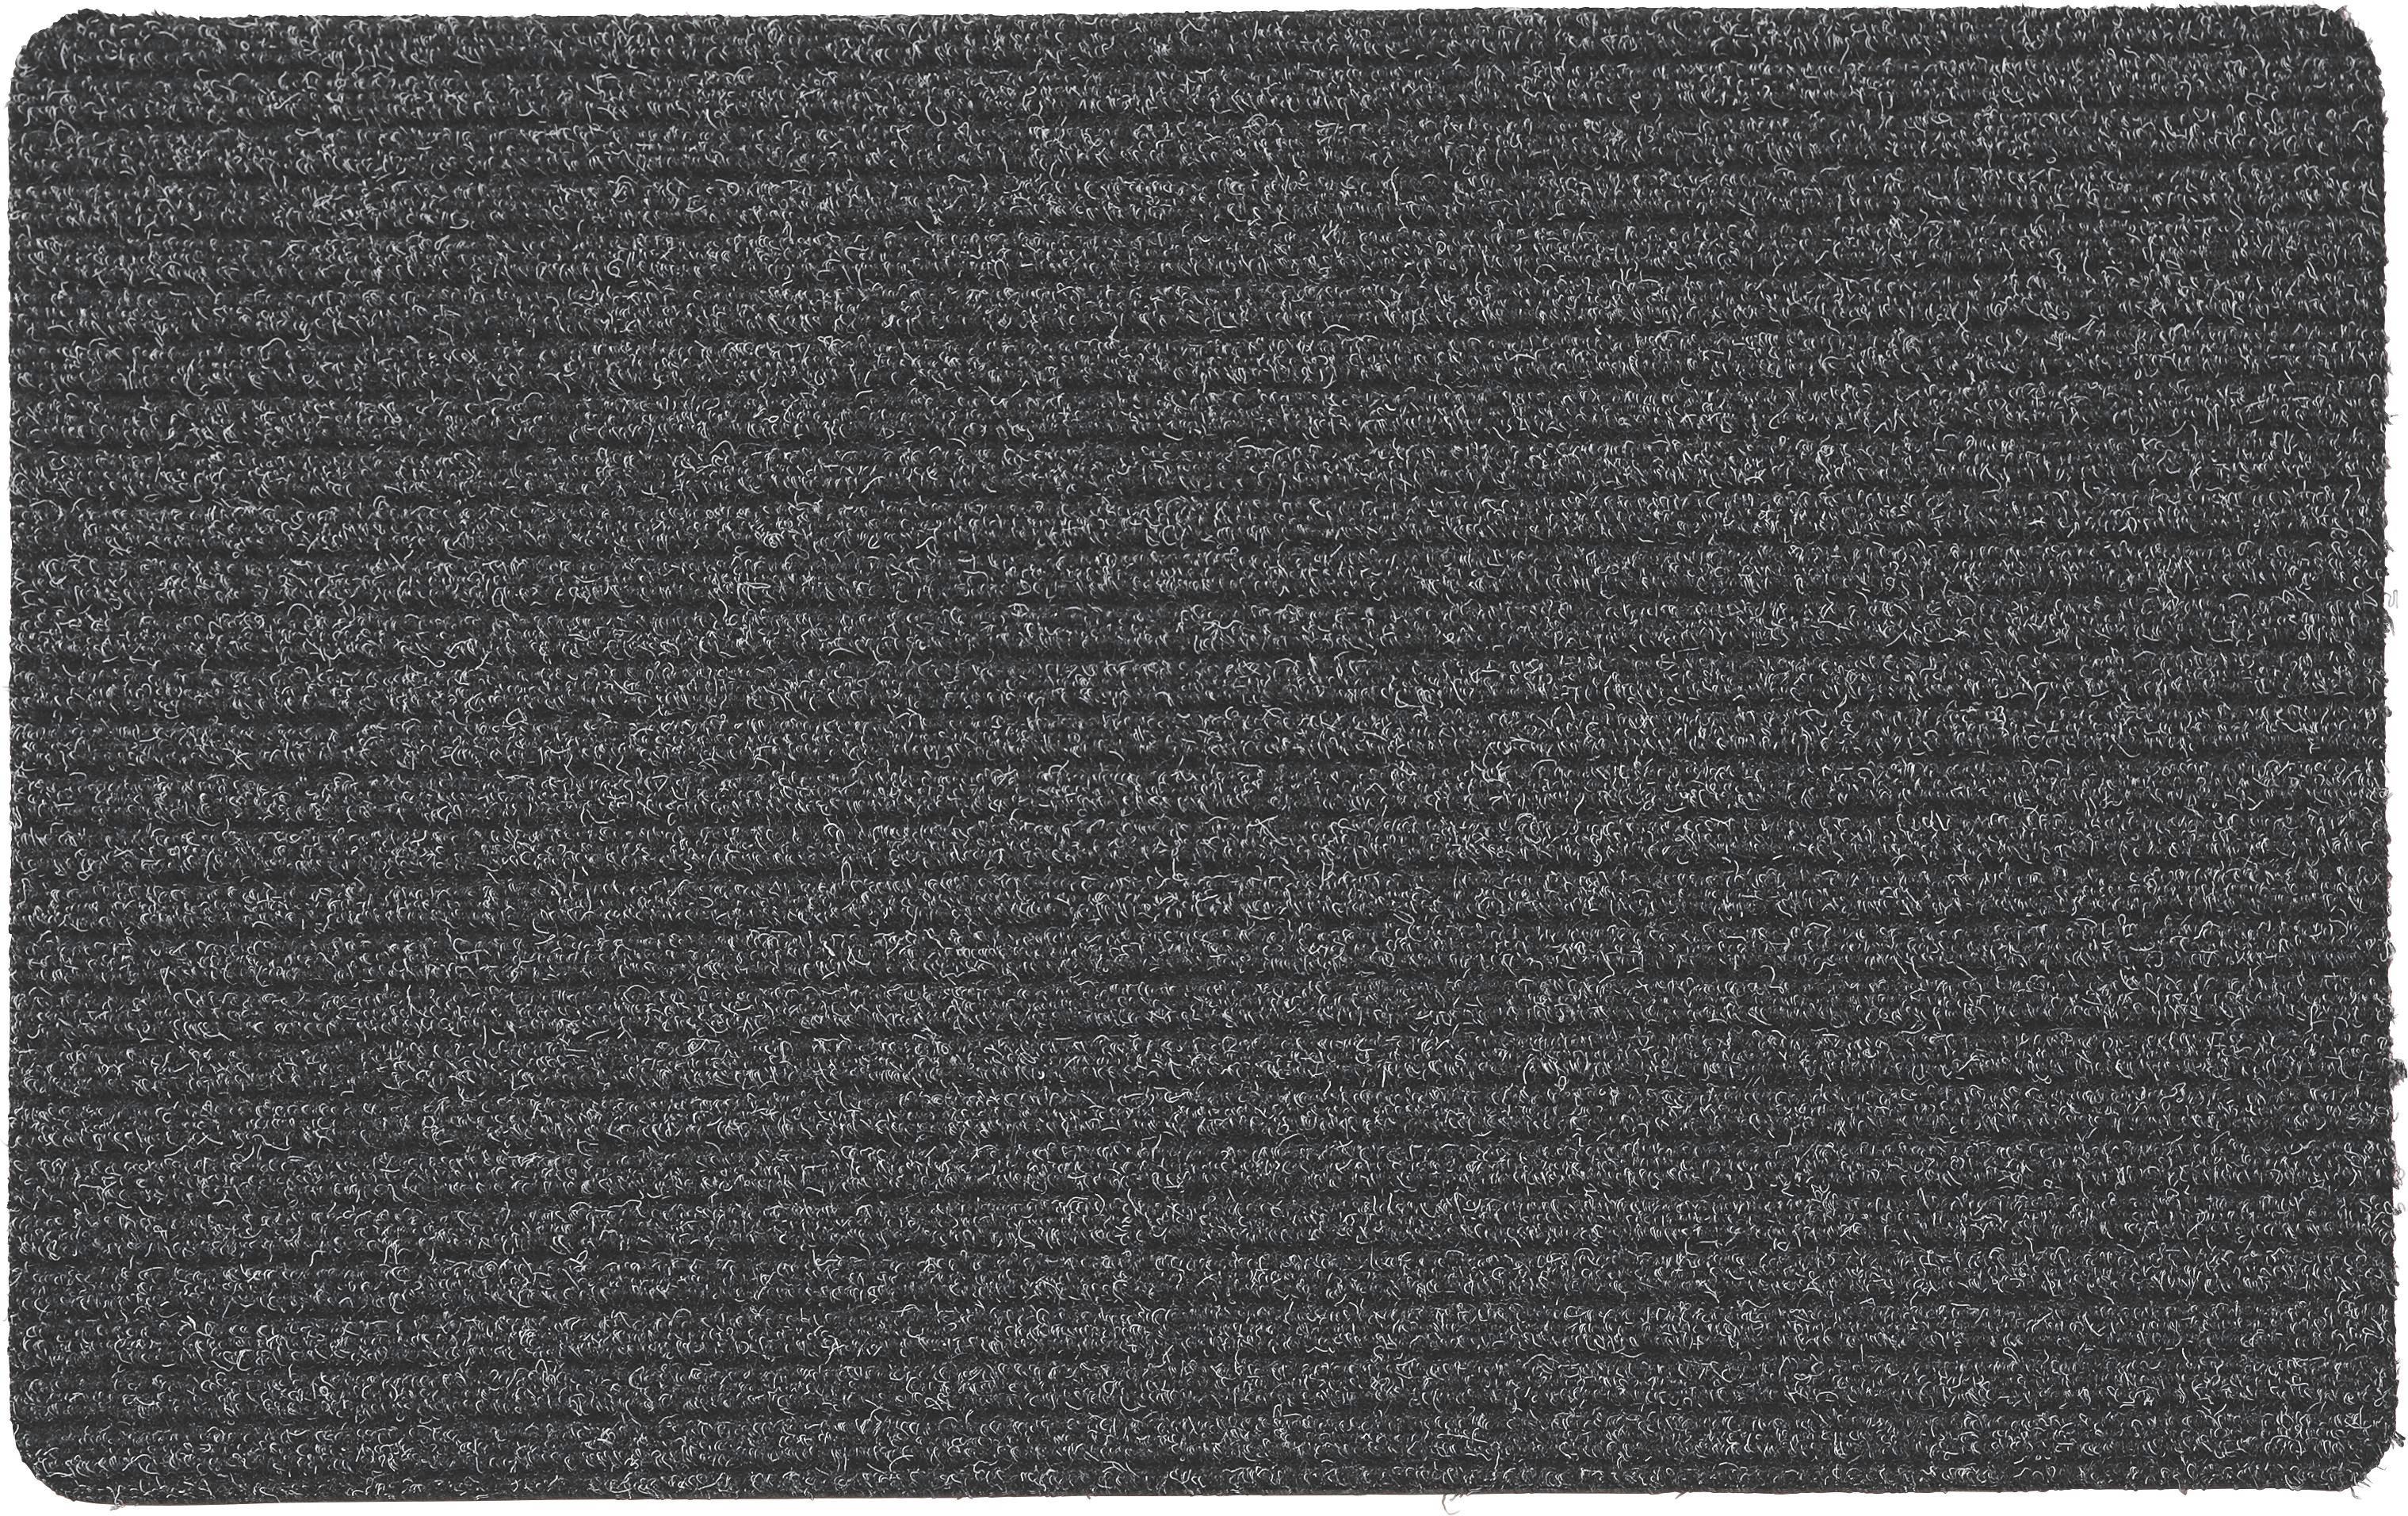 Lábtörlő Troika - antracit, konvencionális, textil (40/60cm)